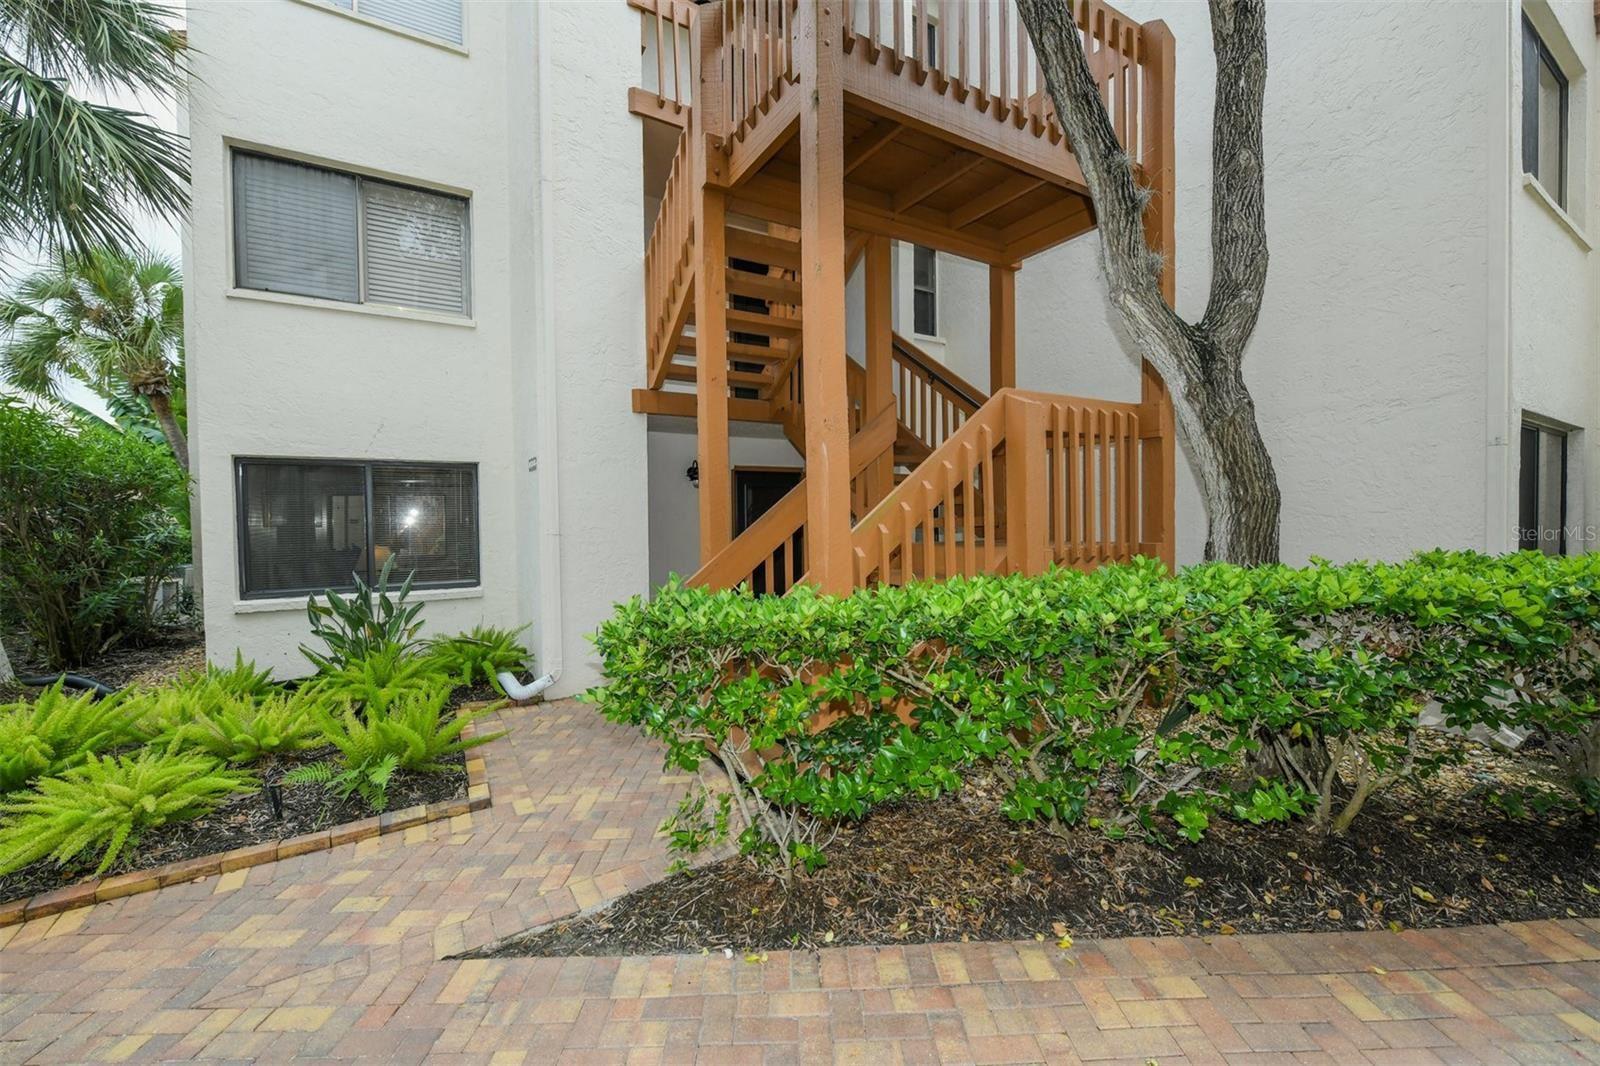 Photo of 1600 COVE II PLACE #413, SARASOTA, FL 34242 (MLS # A4512400)